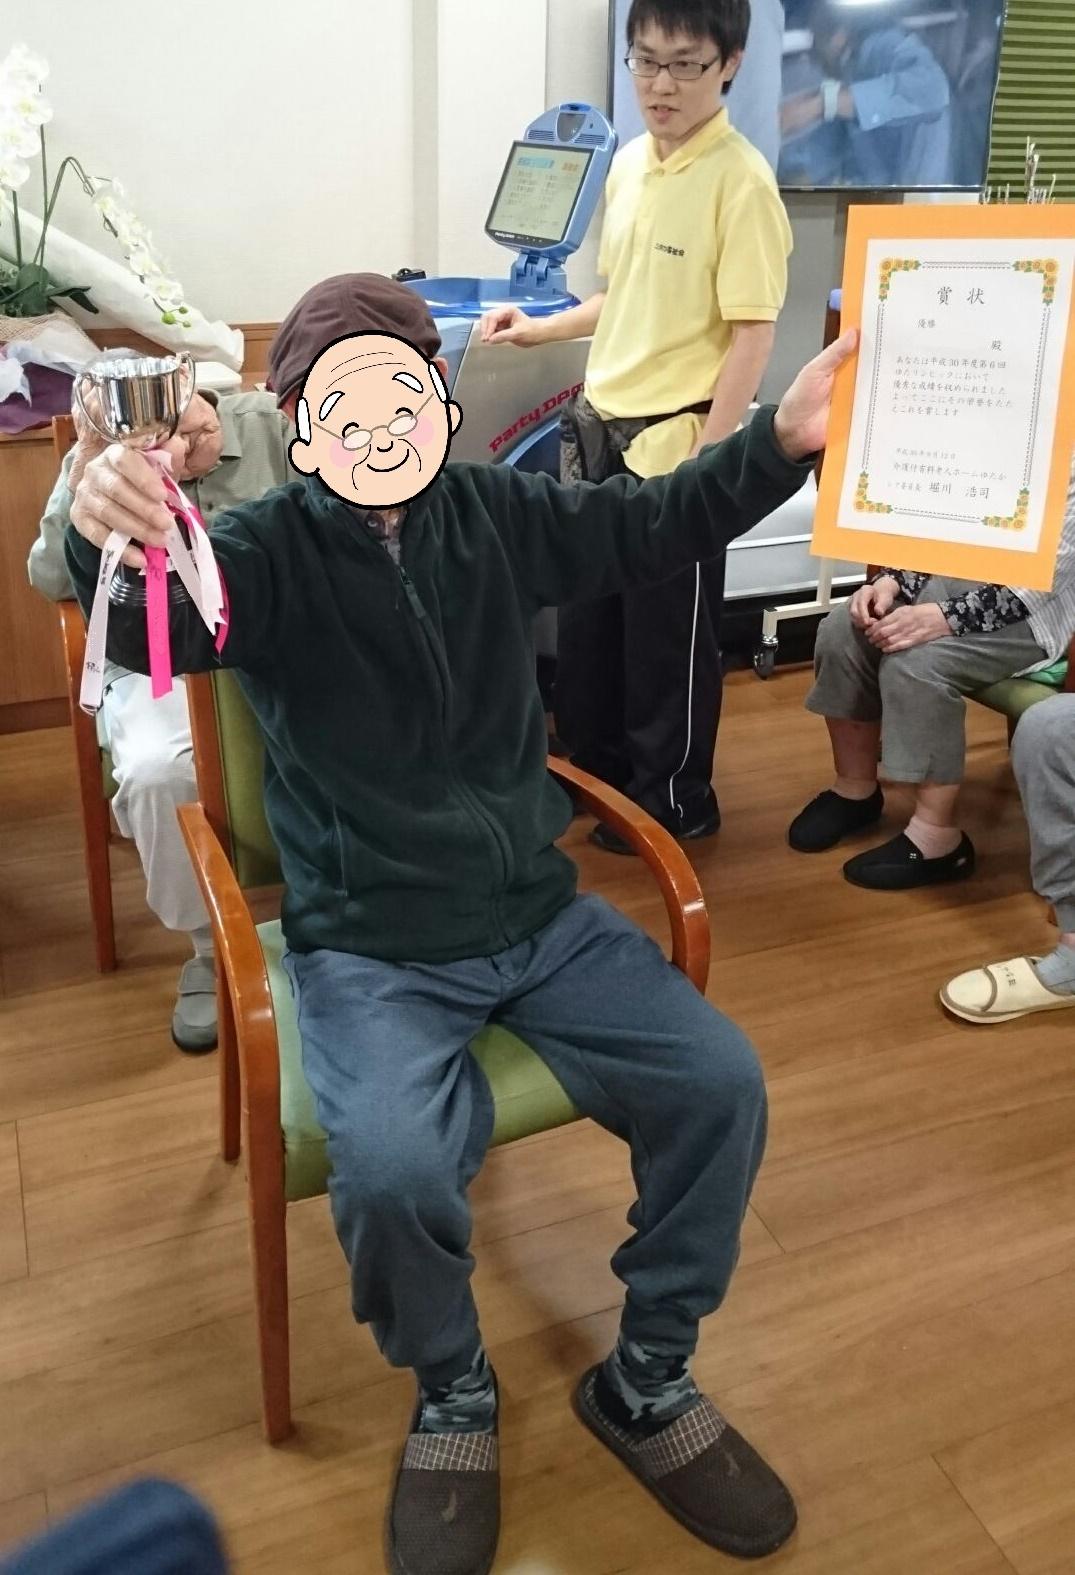 第6回 ゆたリンピック(介護付有料老人ホームゆたか)